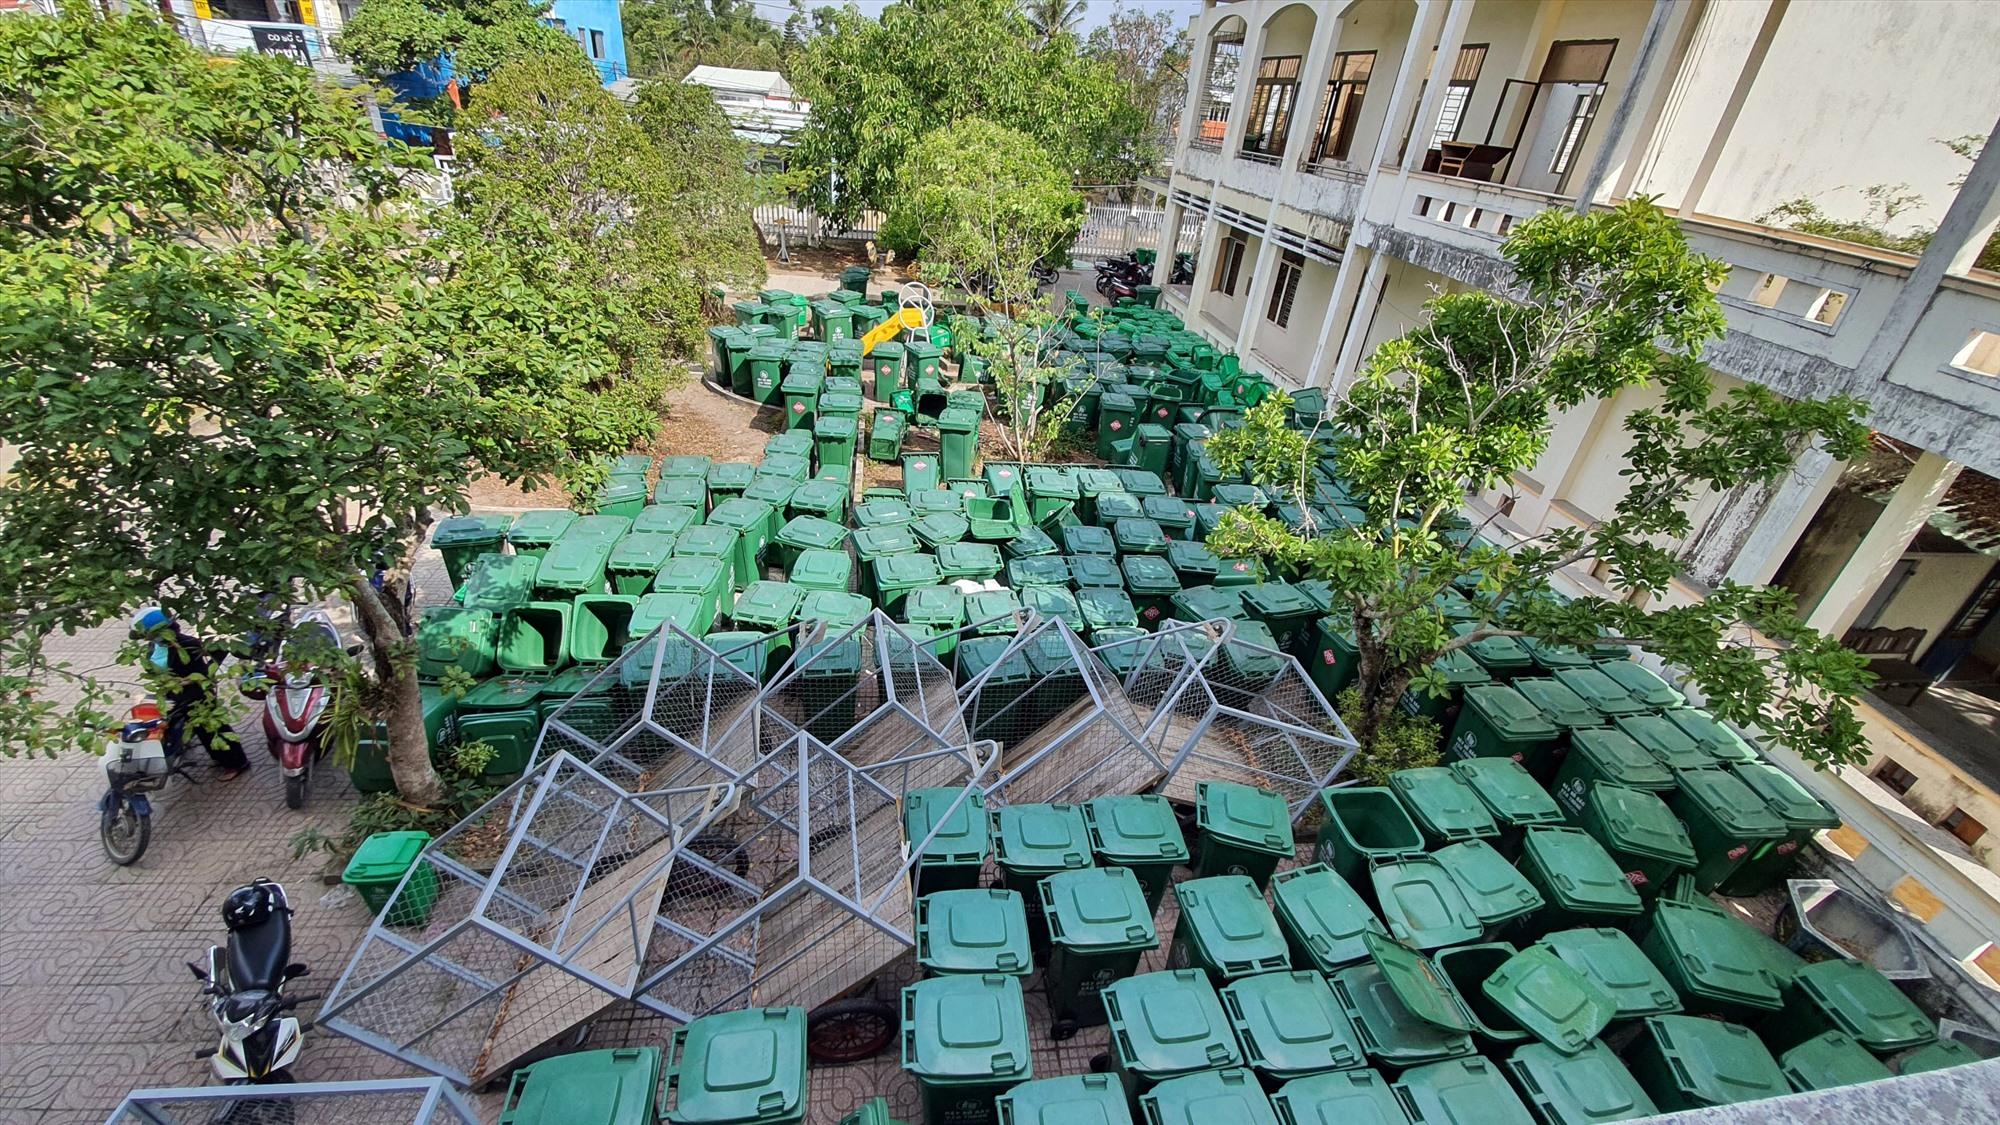 Từ khi triển khai đề án quản lý chất thải rắn, tình trạng ô nhiễm ở nhiều vùng quê được cải thiện. TRONG ẢNH: Tập kết thùng chứa rác tại xã đảo Tam Hải (Núi Thành). Ảnh: T.C